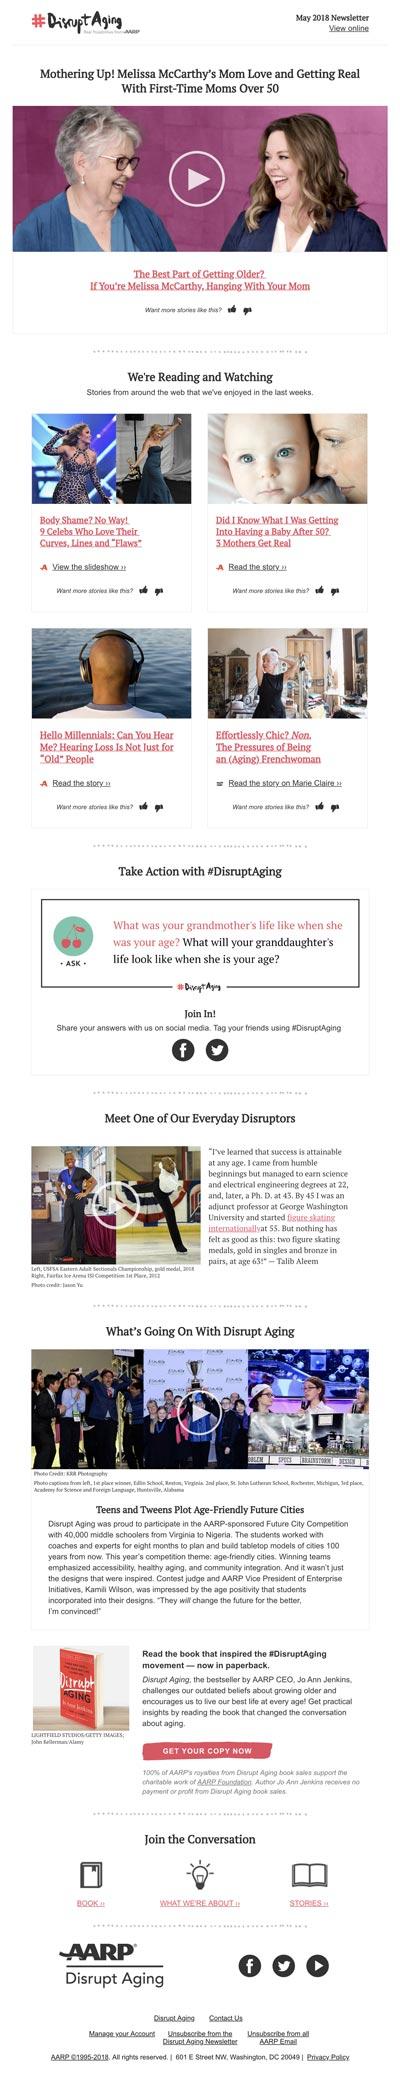 Disrupt Aging Newsletter Sample Image